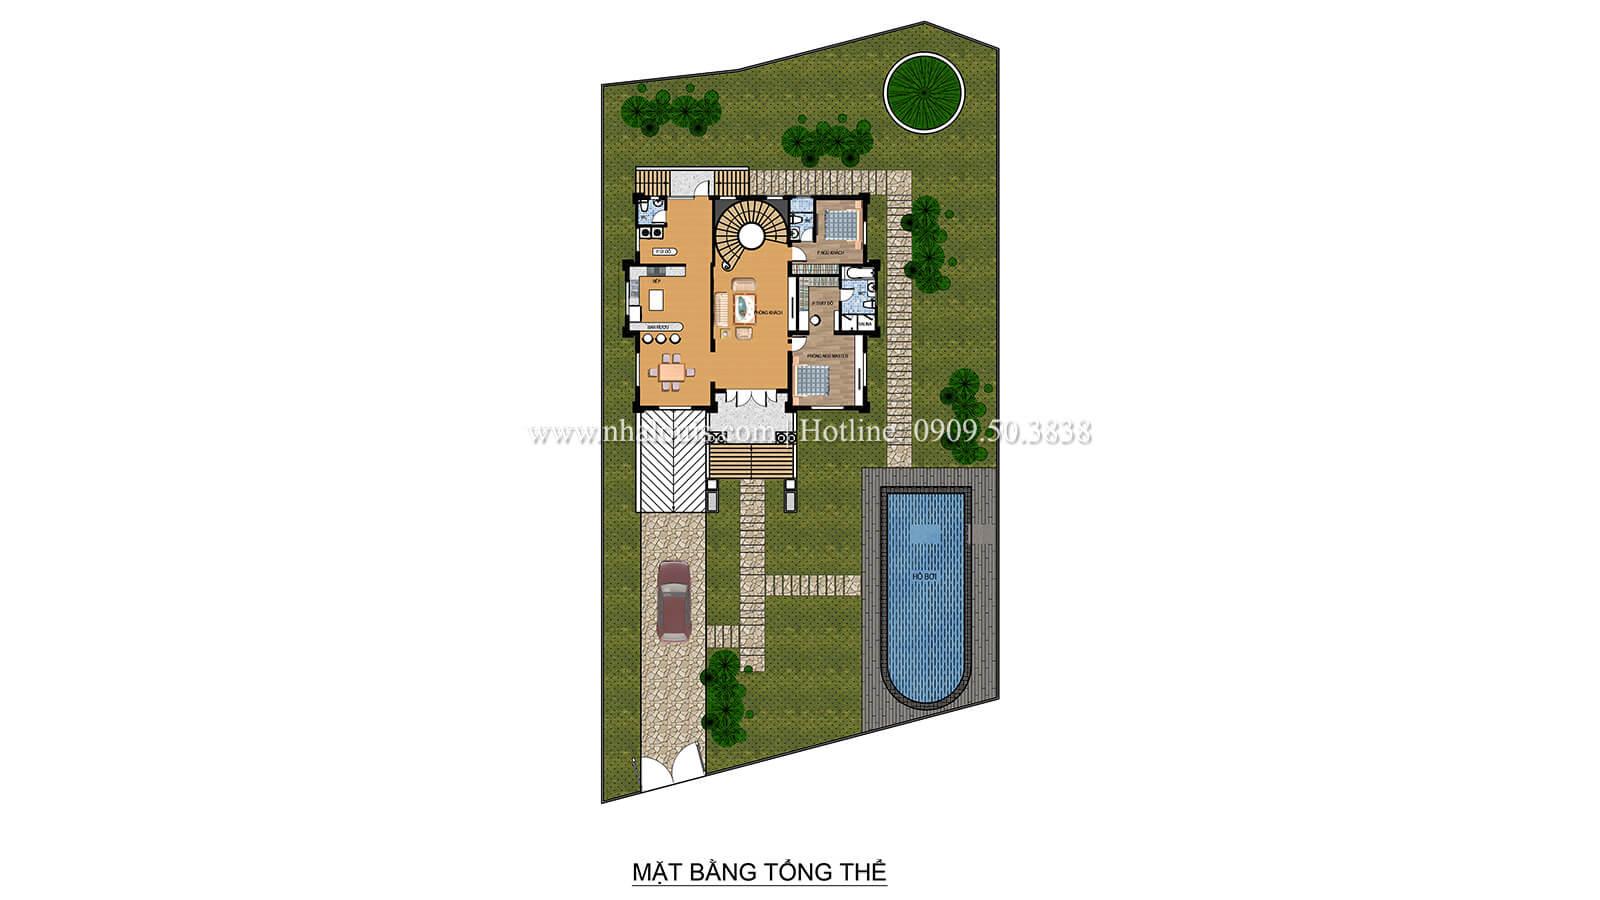 Mặt bằng tổng thể Biệt thự tân cổ điển có tầng hầm và sân vườn đẹp mỹ miều tại Biên Hòa - 03